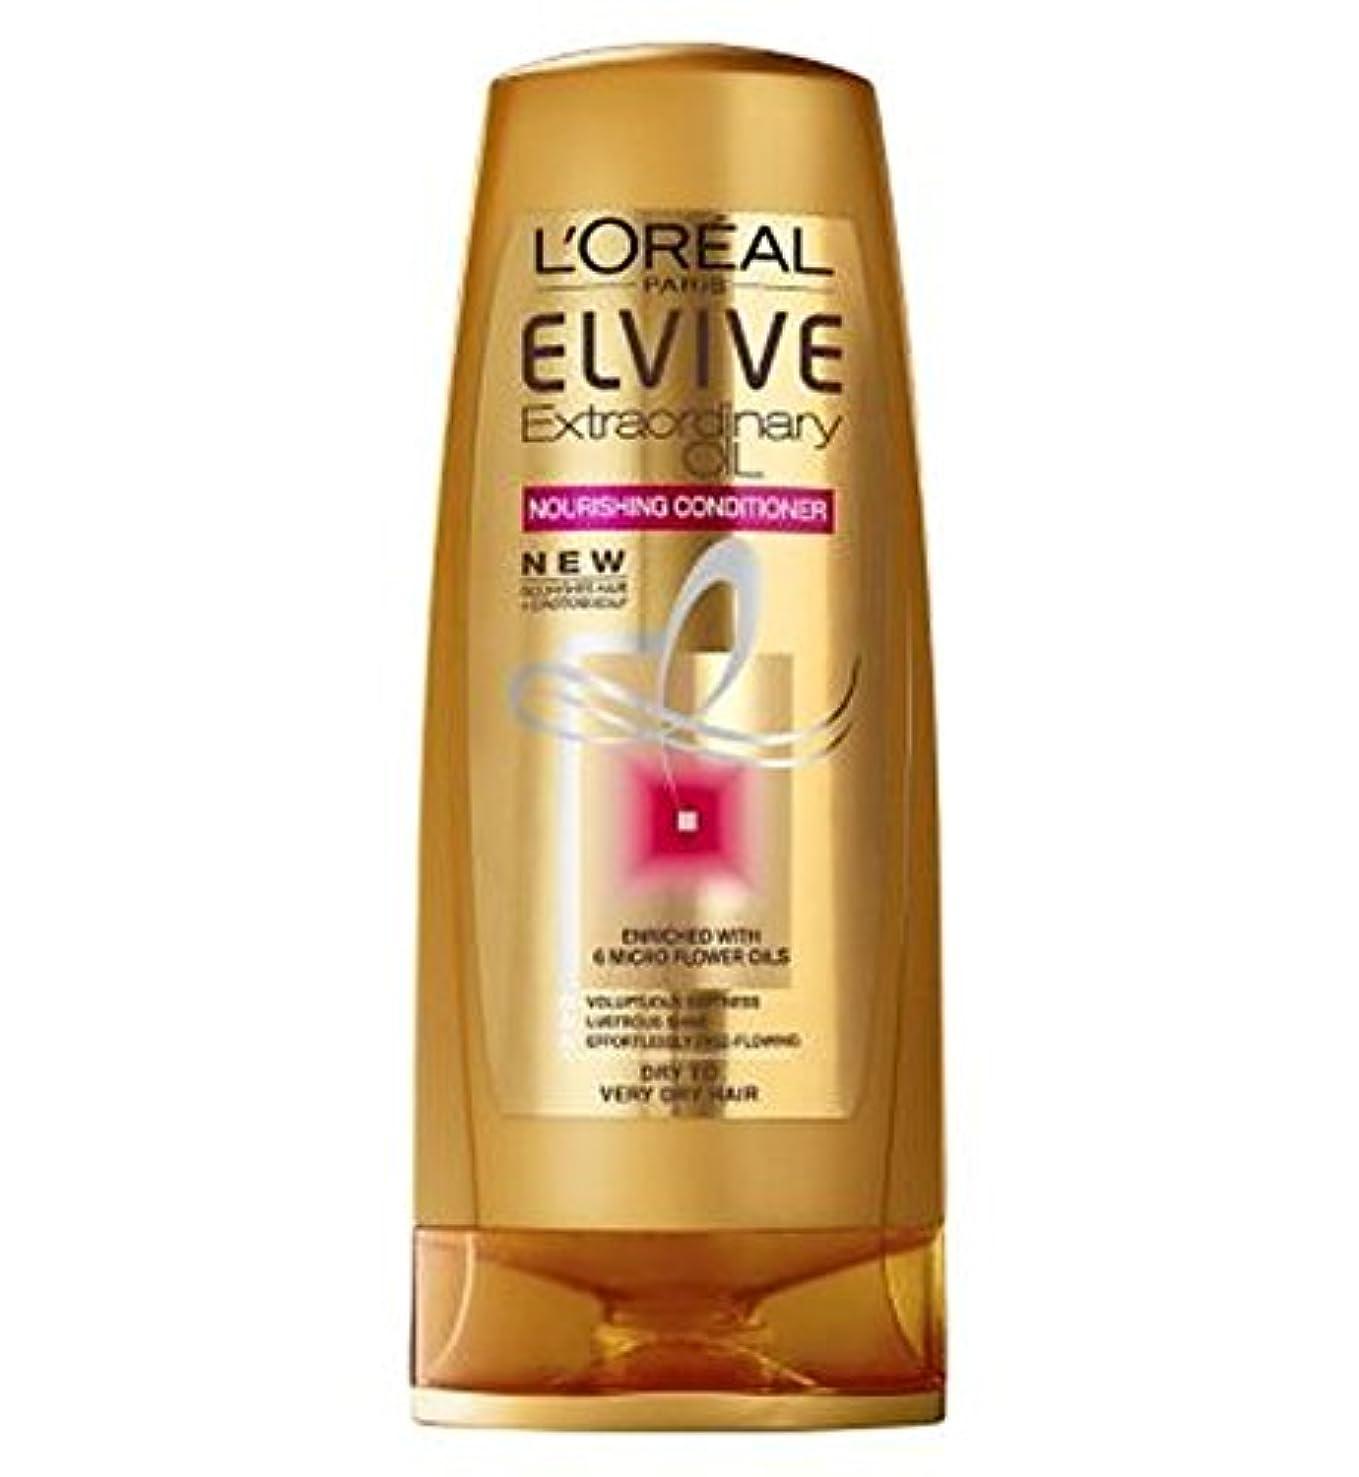 育成レールリベラルL'Oreal Elvive Extraordinary Oils Nourishing Conditioner Dry to Rough Hair 250ml - ラフヘア250ミリリットルにコンディショナードライ栄養...